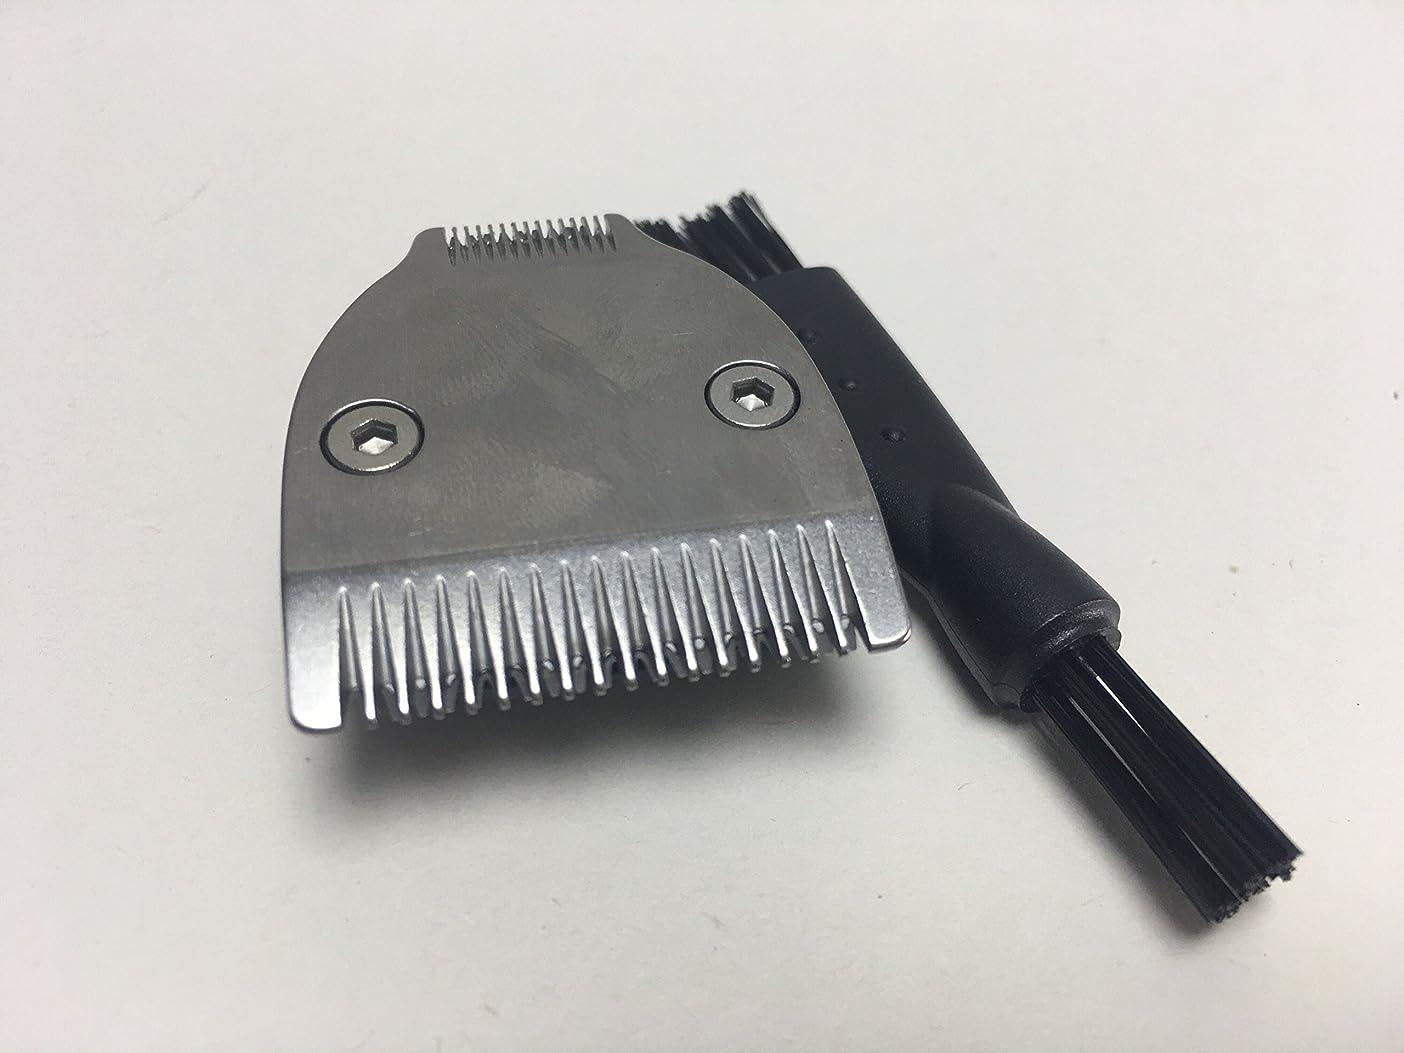 ニンニクパシフィックピーブシェーバーヘッドバーバーブレード フィリップス QS6100 QS6140 QS6160 QS6100/50 QS6141 QS6161 QS6141/33 ノレッコ ワン?ブレード 交換用ブレード For Philips Shaver Razor Head Blade clipper Cutter